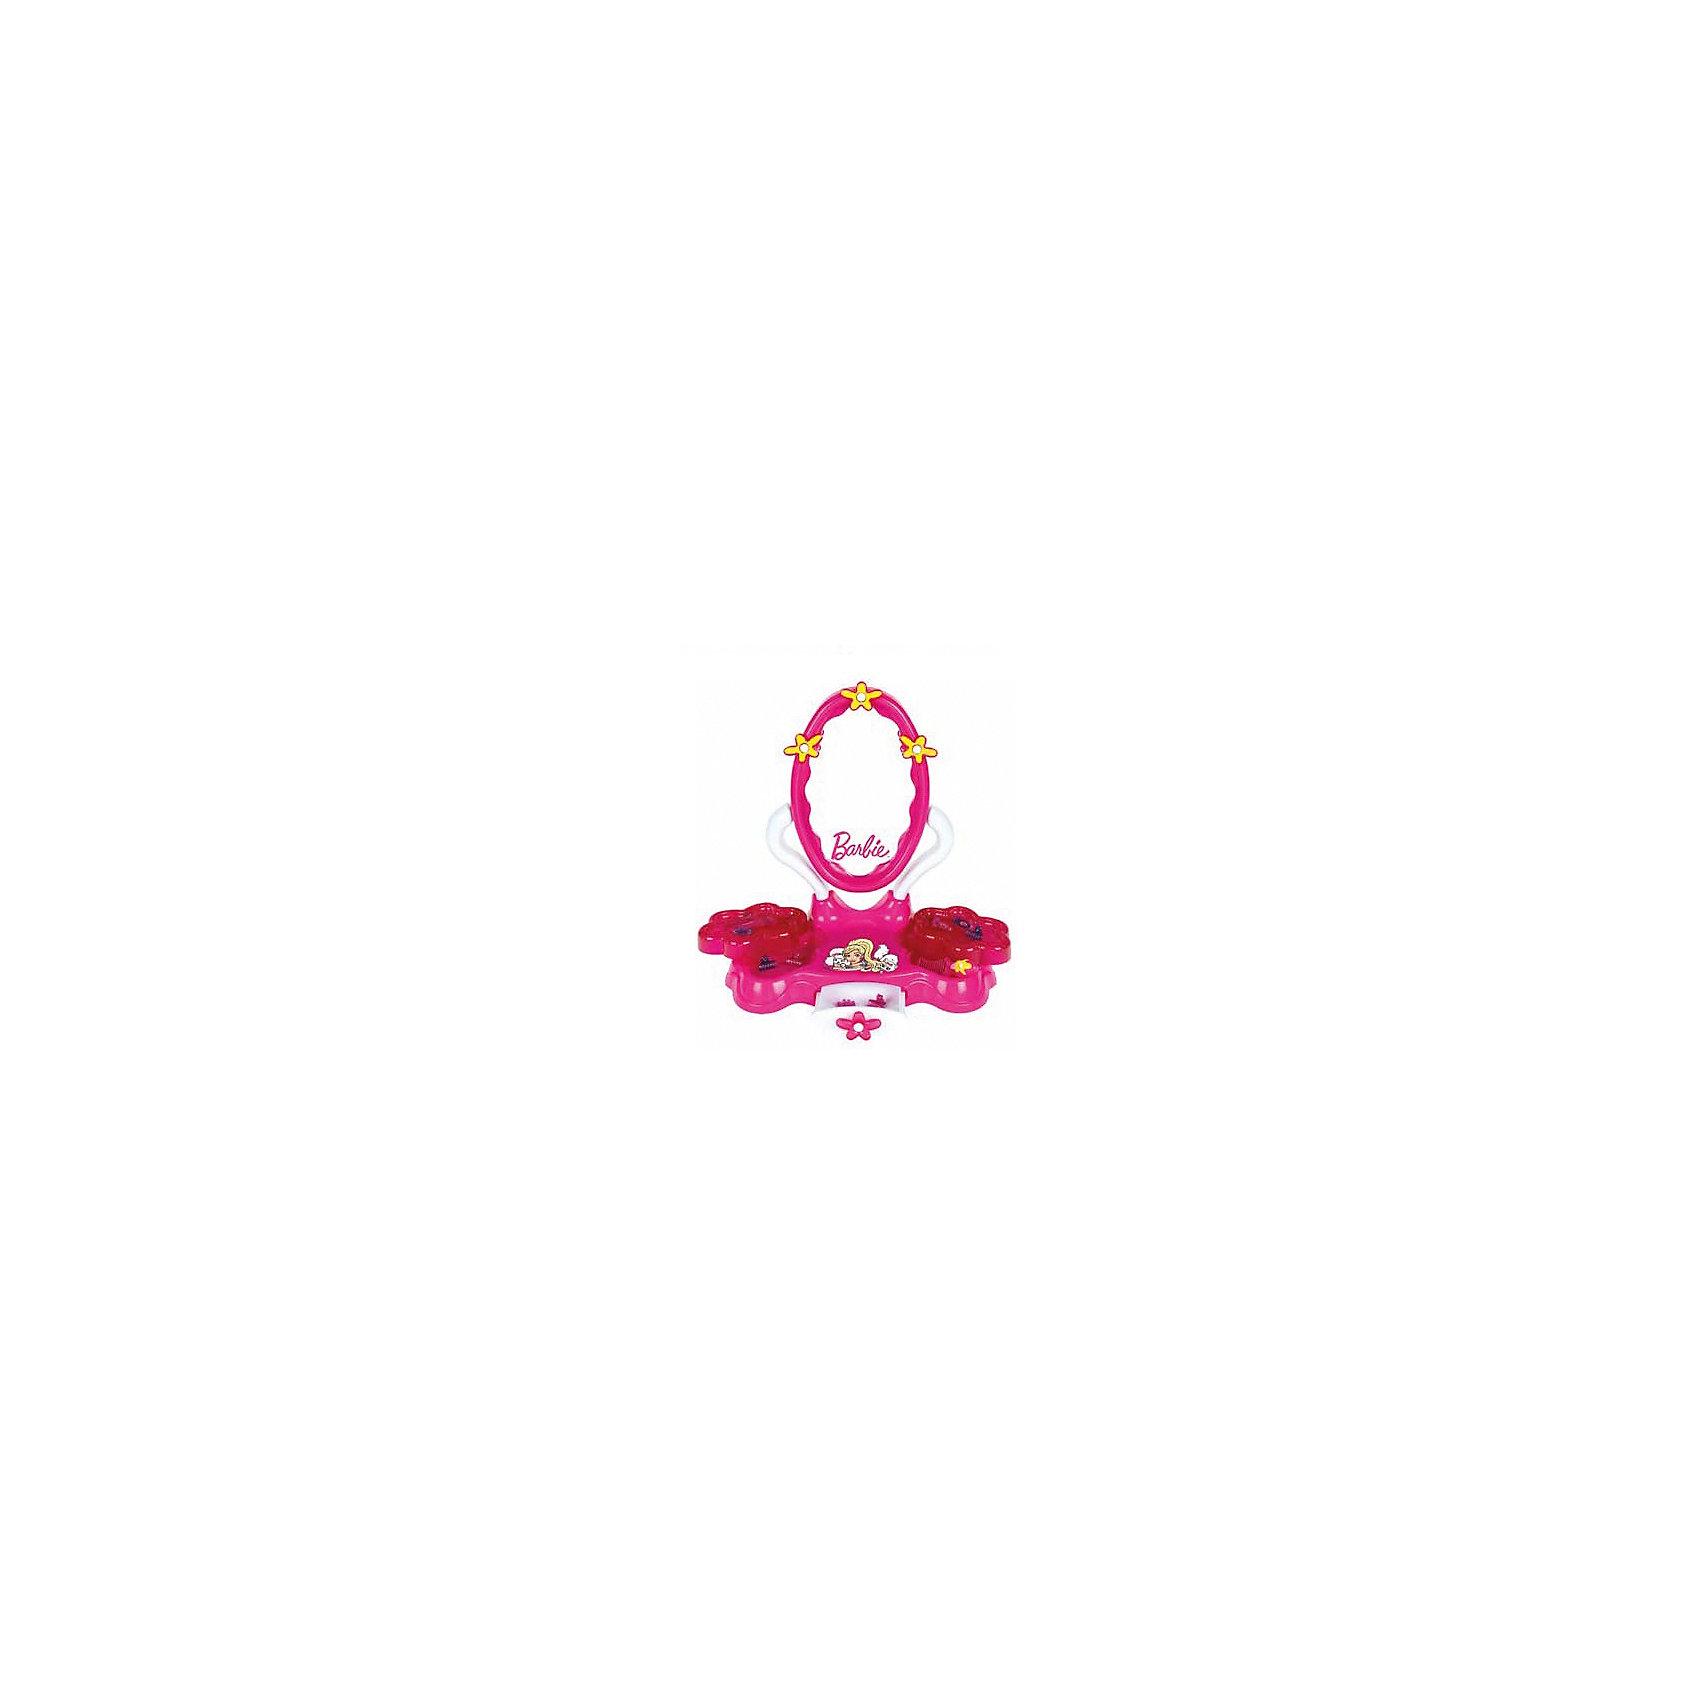 Игровой набор Студия красоты, Barbie, KleinСюжетно-ролевые игры<br>Игровой набор Студия красоты, Barbie (Барби) от популярного немецкого бренда игрушек для детей Klein (Кляйн) станет отличным дополнением к играм в салон красоты. Стильный футлярчик розового цвета включает в себя все основные предметы каждой красавицы. В набор включены расческа-щетка, расческа гребень, небольшое зеркальце с розовой ручкой, две заколочки и два пузырька. Футляр удобно ставить на стол, так как у него имеются функциональные ножи, красивая застежка-бантик и нарисованная куколка-модника придут по вкусу хозяйке кукол и она захочет поскорее создать новый дизайн своим подопечным. В разложенном виде размер футляра 30 см. Игрушка поможет развить воображение и моторику рук.   <br>Дополнительная информация:<br><br>- В комплект входит: футляр, расческа-щетка, расческа гребень, маленькое зеркальце с розовой ручкой, две заколочки и два флакончика<br>- Состав: пластик<br>- Параметры: 33 * 9 * 32 см. <br><br><br>Игровой набор Студия красоты, Barbie (Барби), Klein (Кляйн) можно купить в нашем интернет-магазине.<br>Подробнее:<br>• Для детей в возрасте: от 3 до 6 лет <br>• Номер товара: 5055278<br>Страна производитель: Китай<br><br>Ширина мм: 416<br>Глубина мм: 356<br>Высота мм: 543<br>Вес г: 1466<br>Возраст от месяцев: 36<br>Возраст до месяцев: 120<br>Пол: Женский<br>Возраст: Детский<br>SKU: 5055278